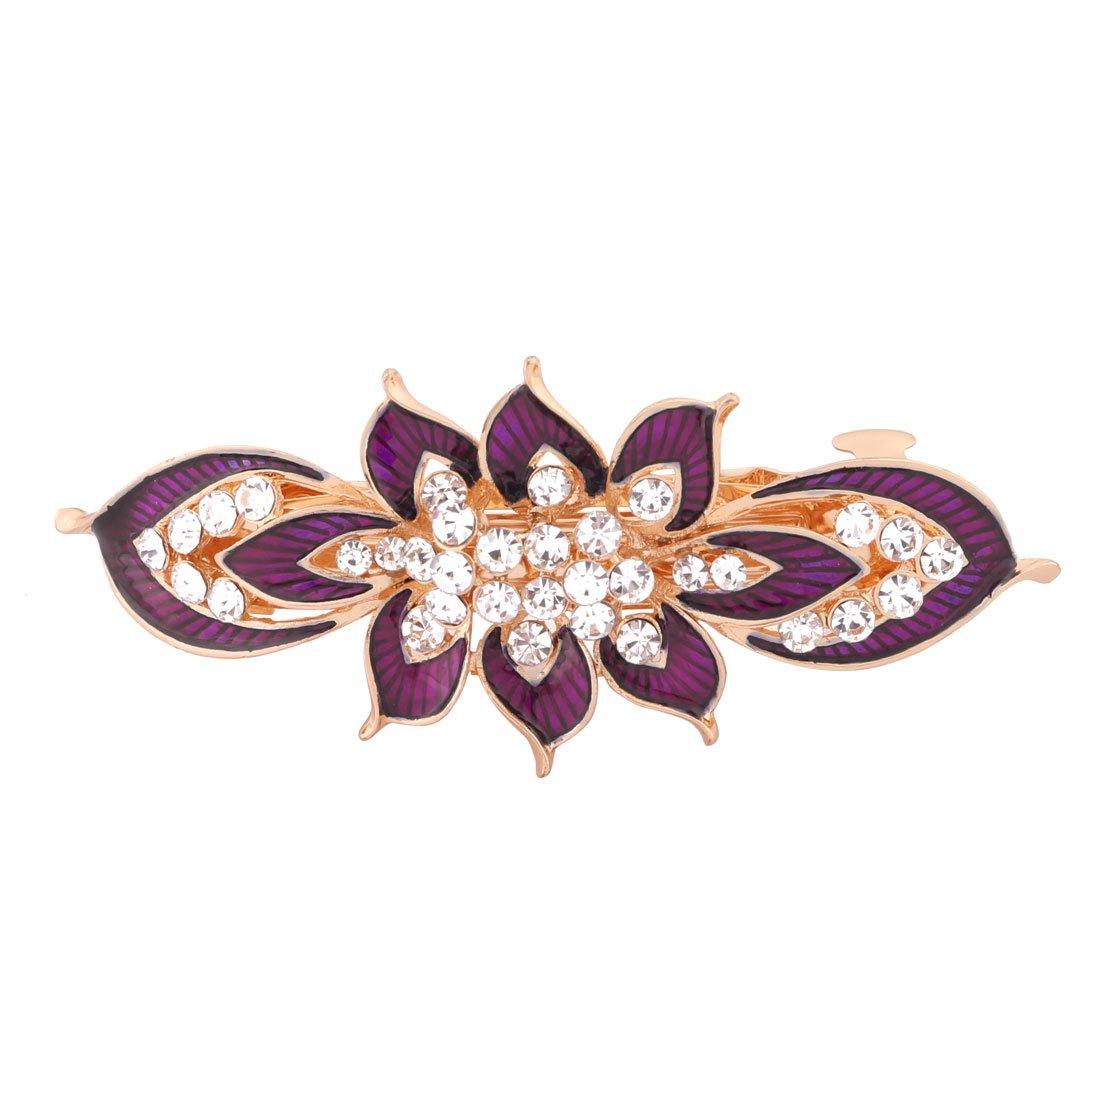 sourcing map Metall Blume Design Faux Strasssteine Intarsien Haarspange Haarnadel Lila DE de